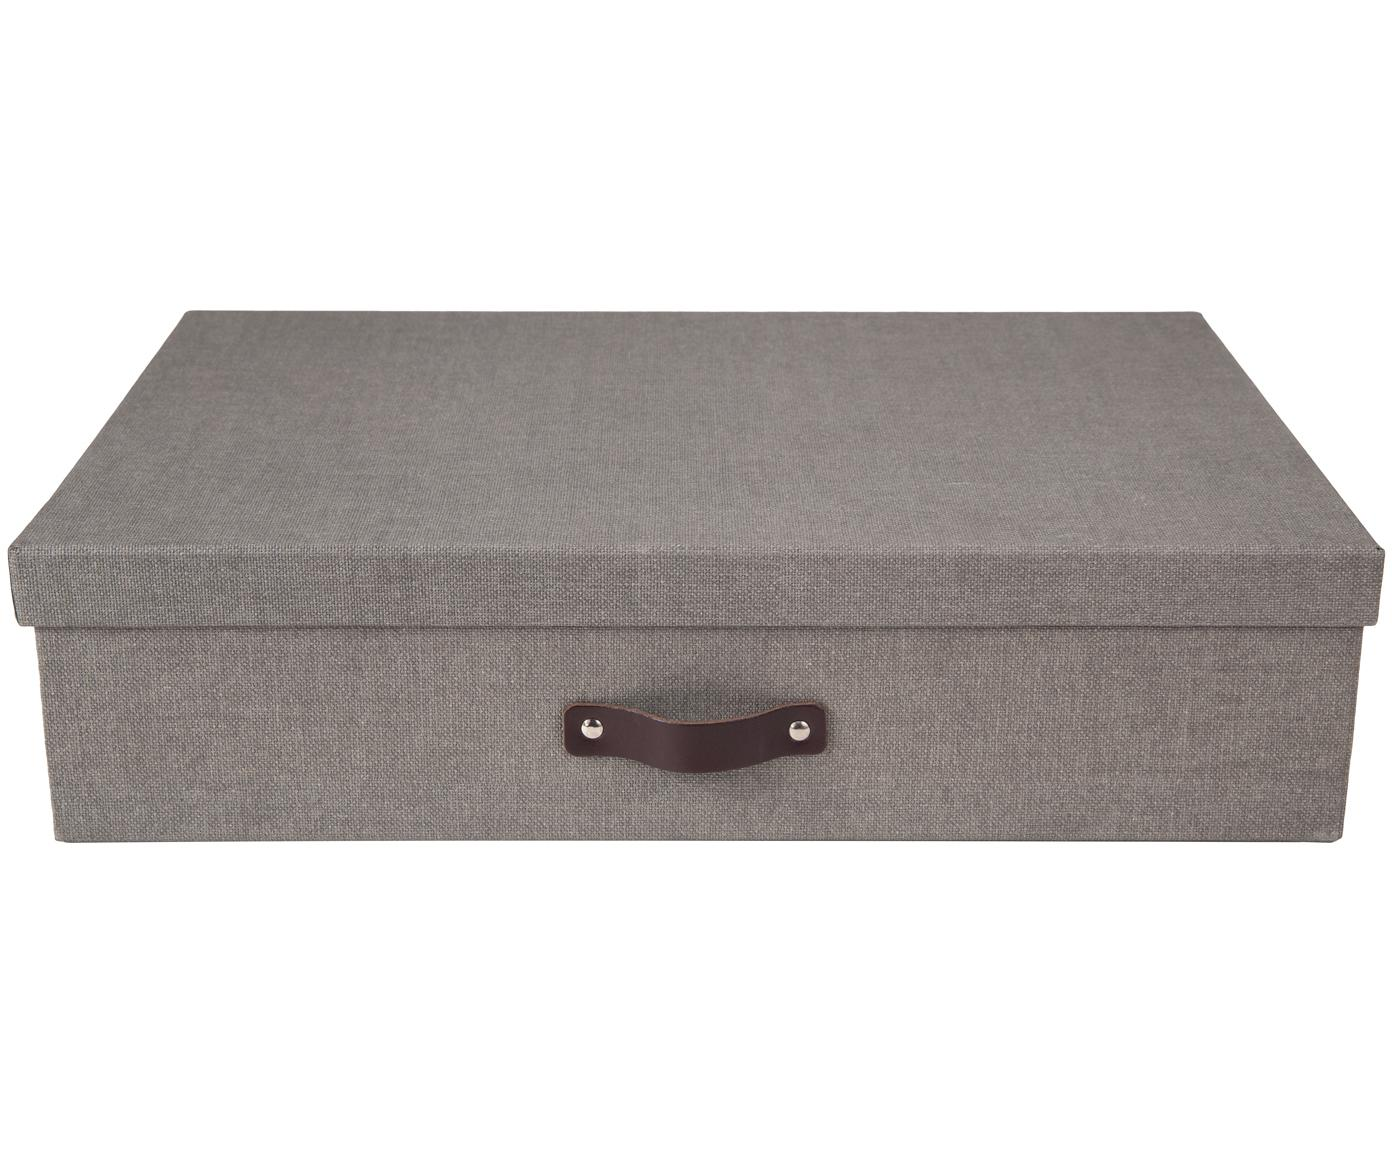 Pudełko do przechowywania Jakob II, Pudełko na zewnątrz: szary Pudełko wewnątrz: czarny Uchwyt: ciemnobrązowy, S 43 x W 11 cm